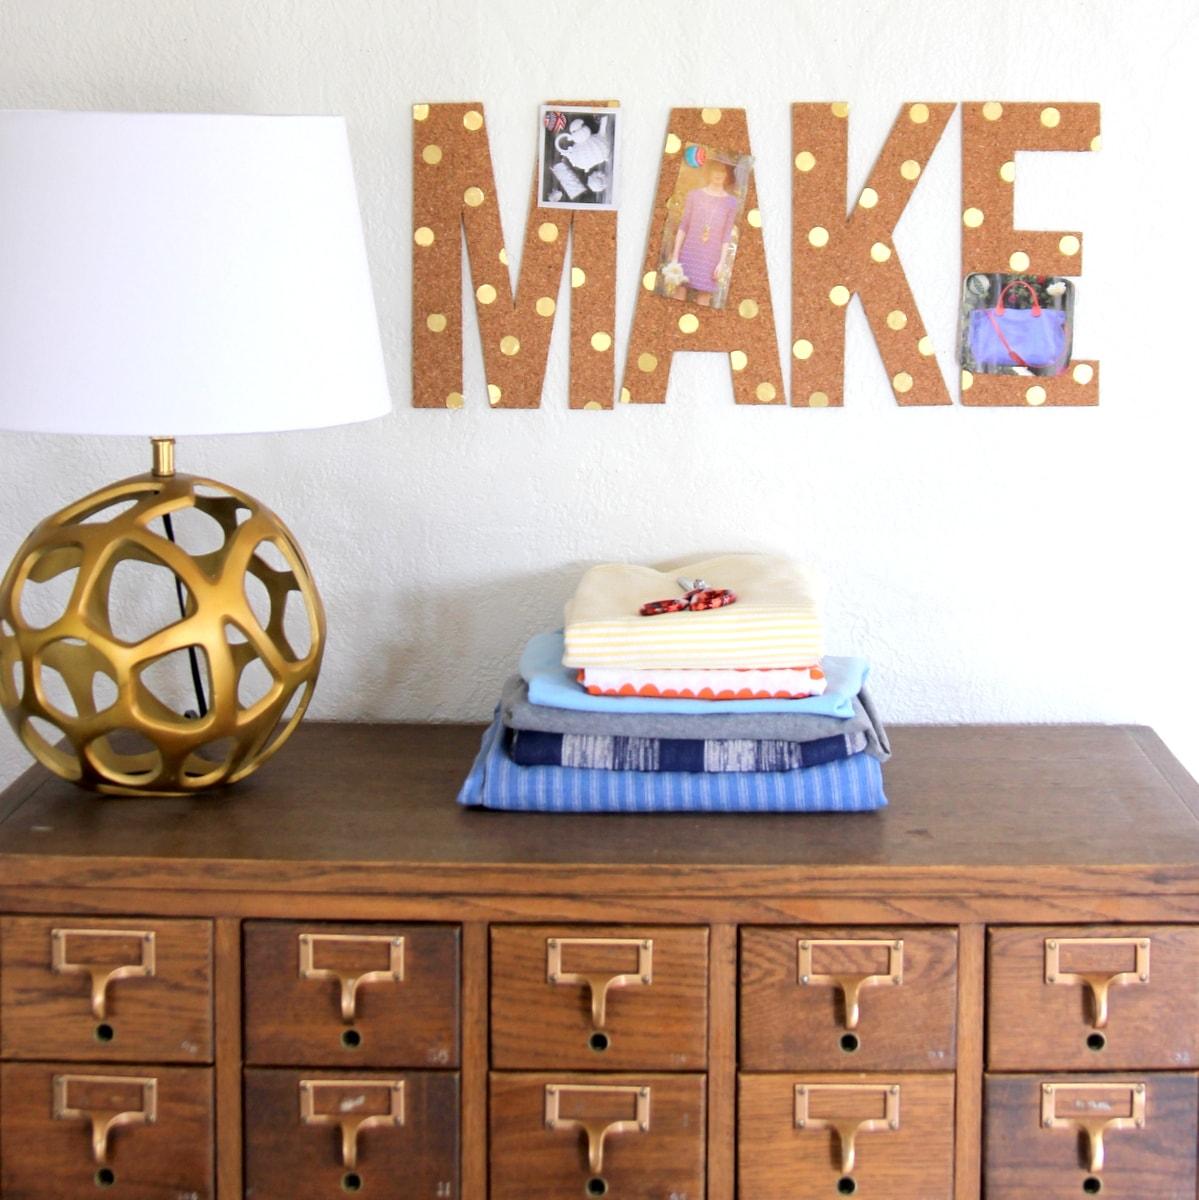 Cómo hacer letras de corcho